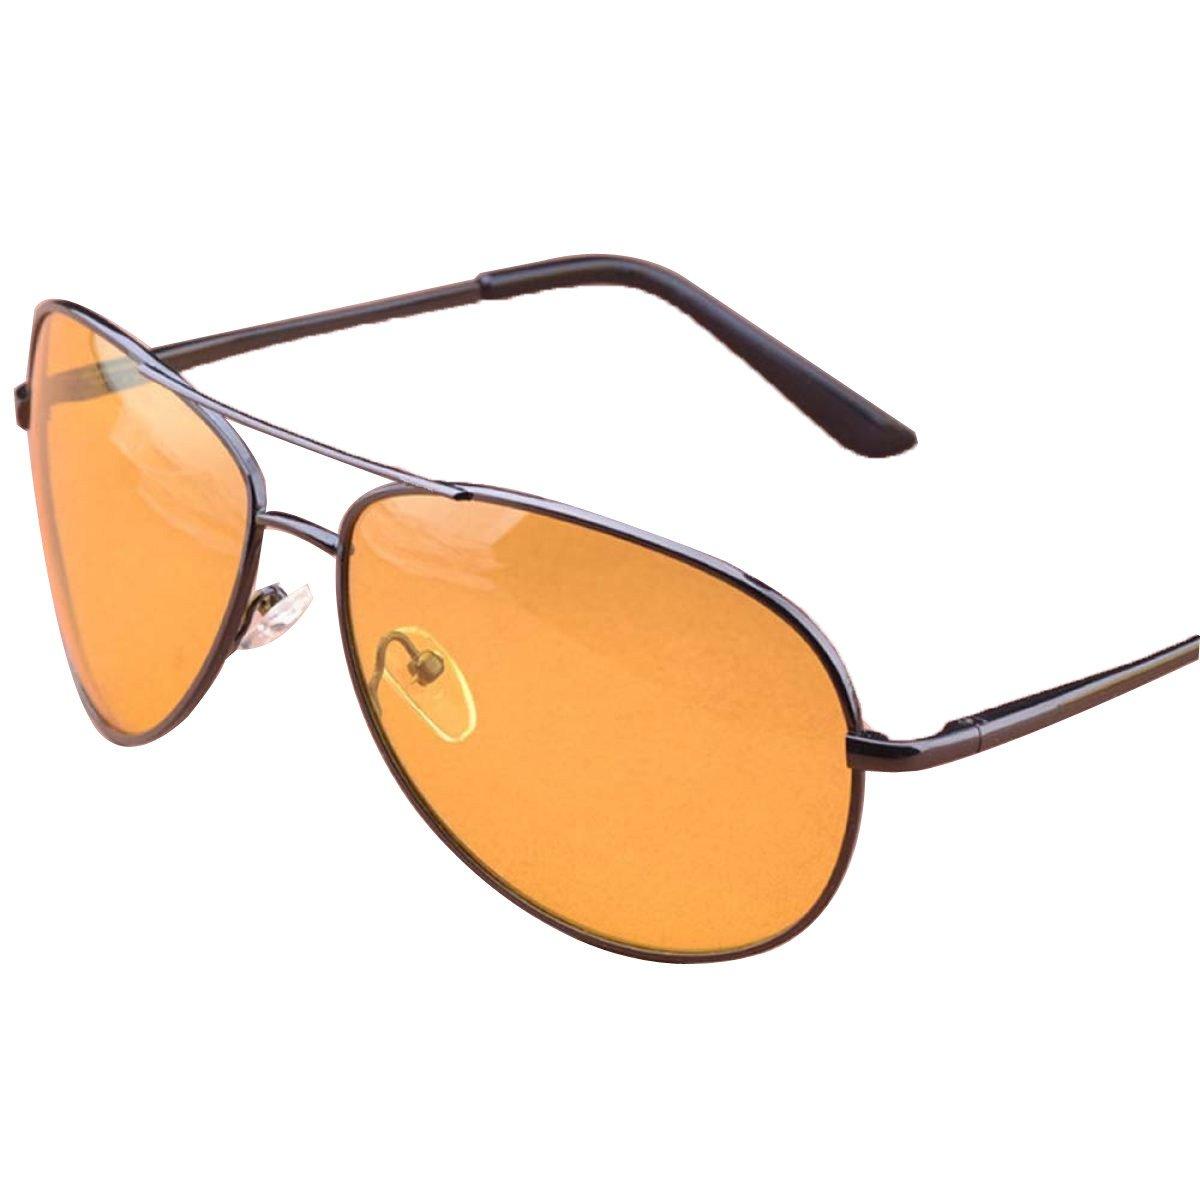 a605354f53 Gafas De Visión Nocturna Del Conductor De Los Nuevos Hombres Gafas De Sol  Polarizadas Opcionales,